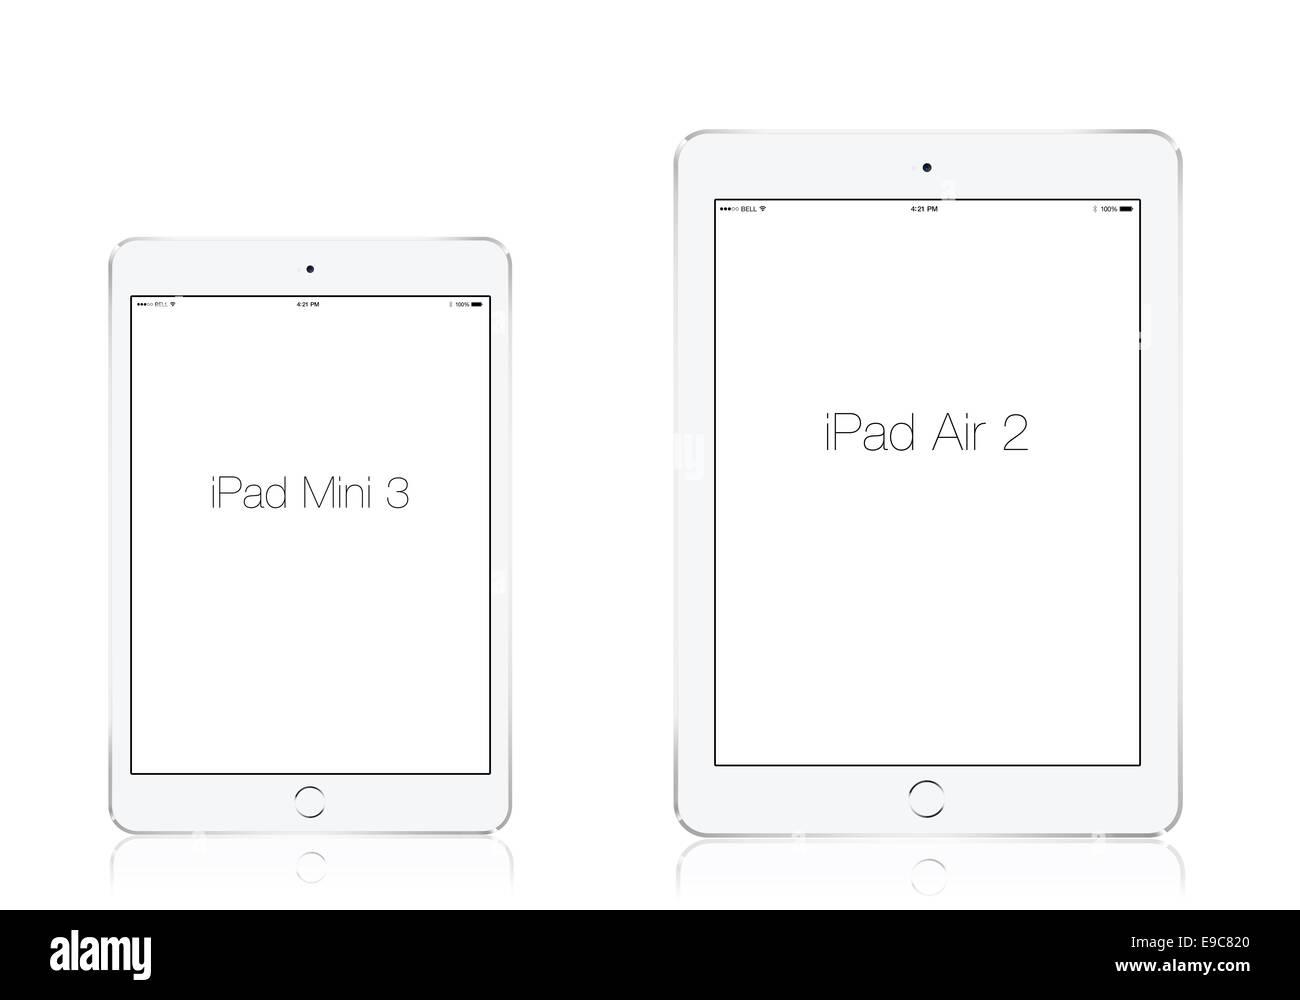 Tabletas iPad 3 y mini iPad 2 silver de aire generada digitalmente, obras de arte. Imagen De Stock